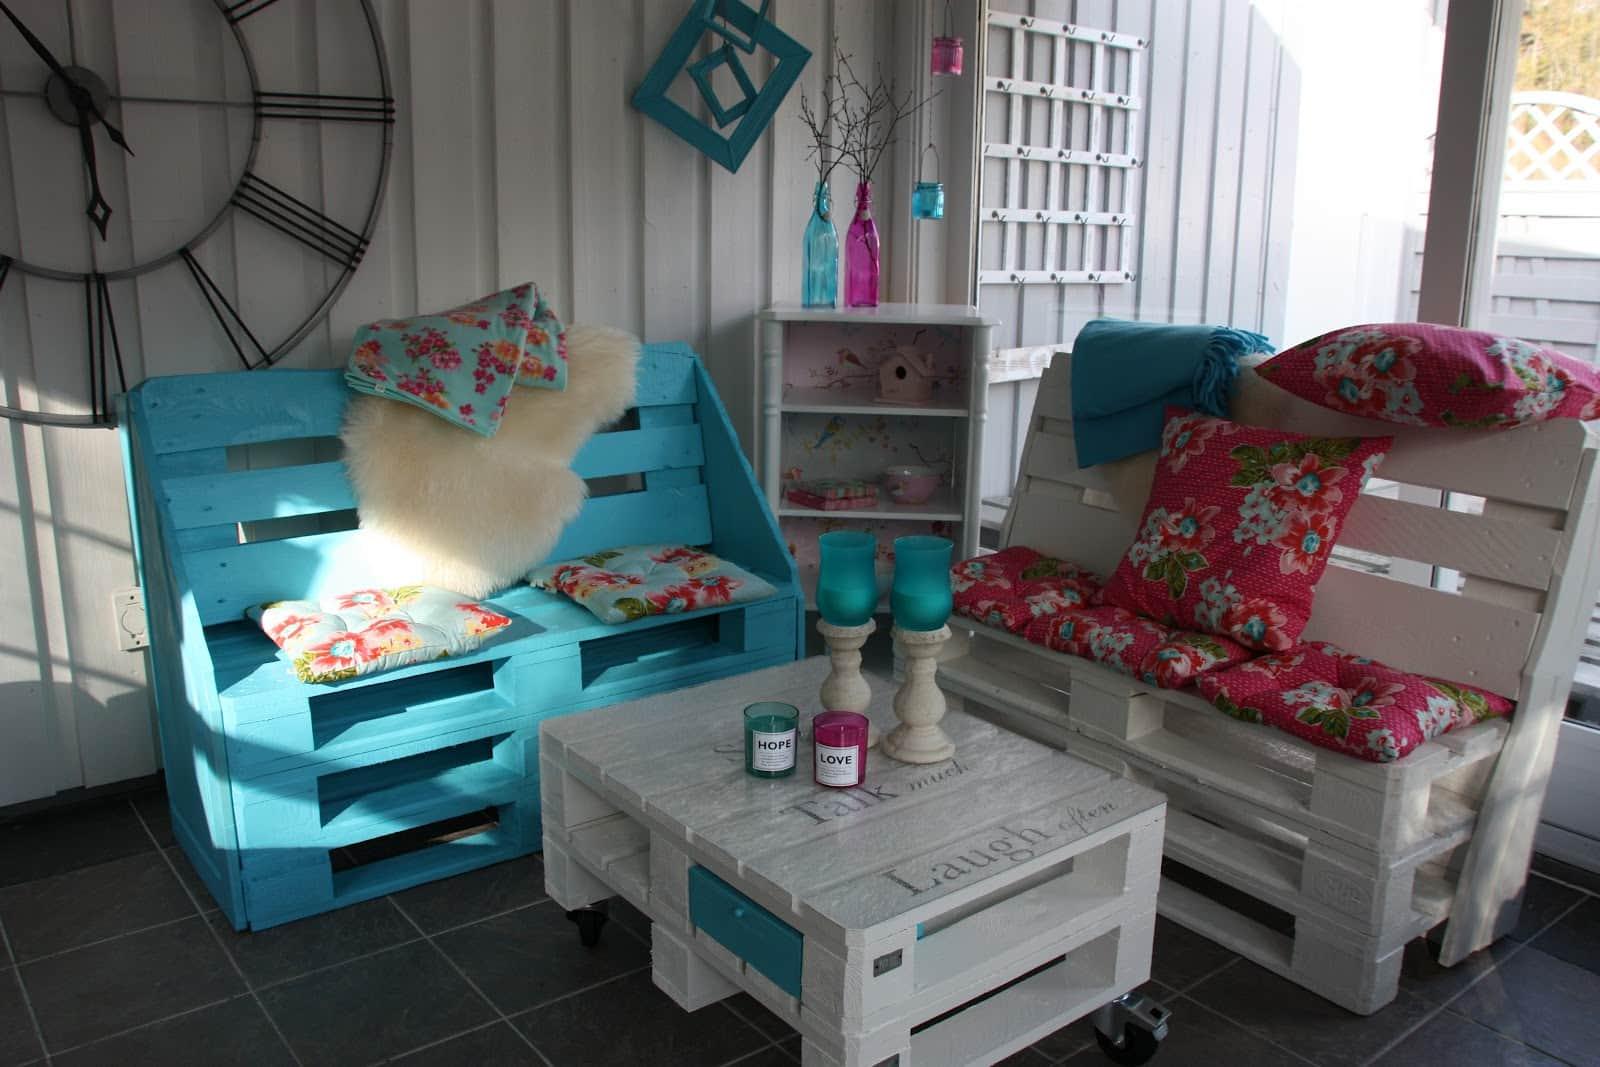 C mo decorar el hogar sin tener que gastar mucho dinero for Como decorar el hogar